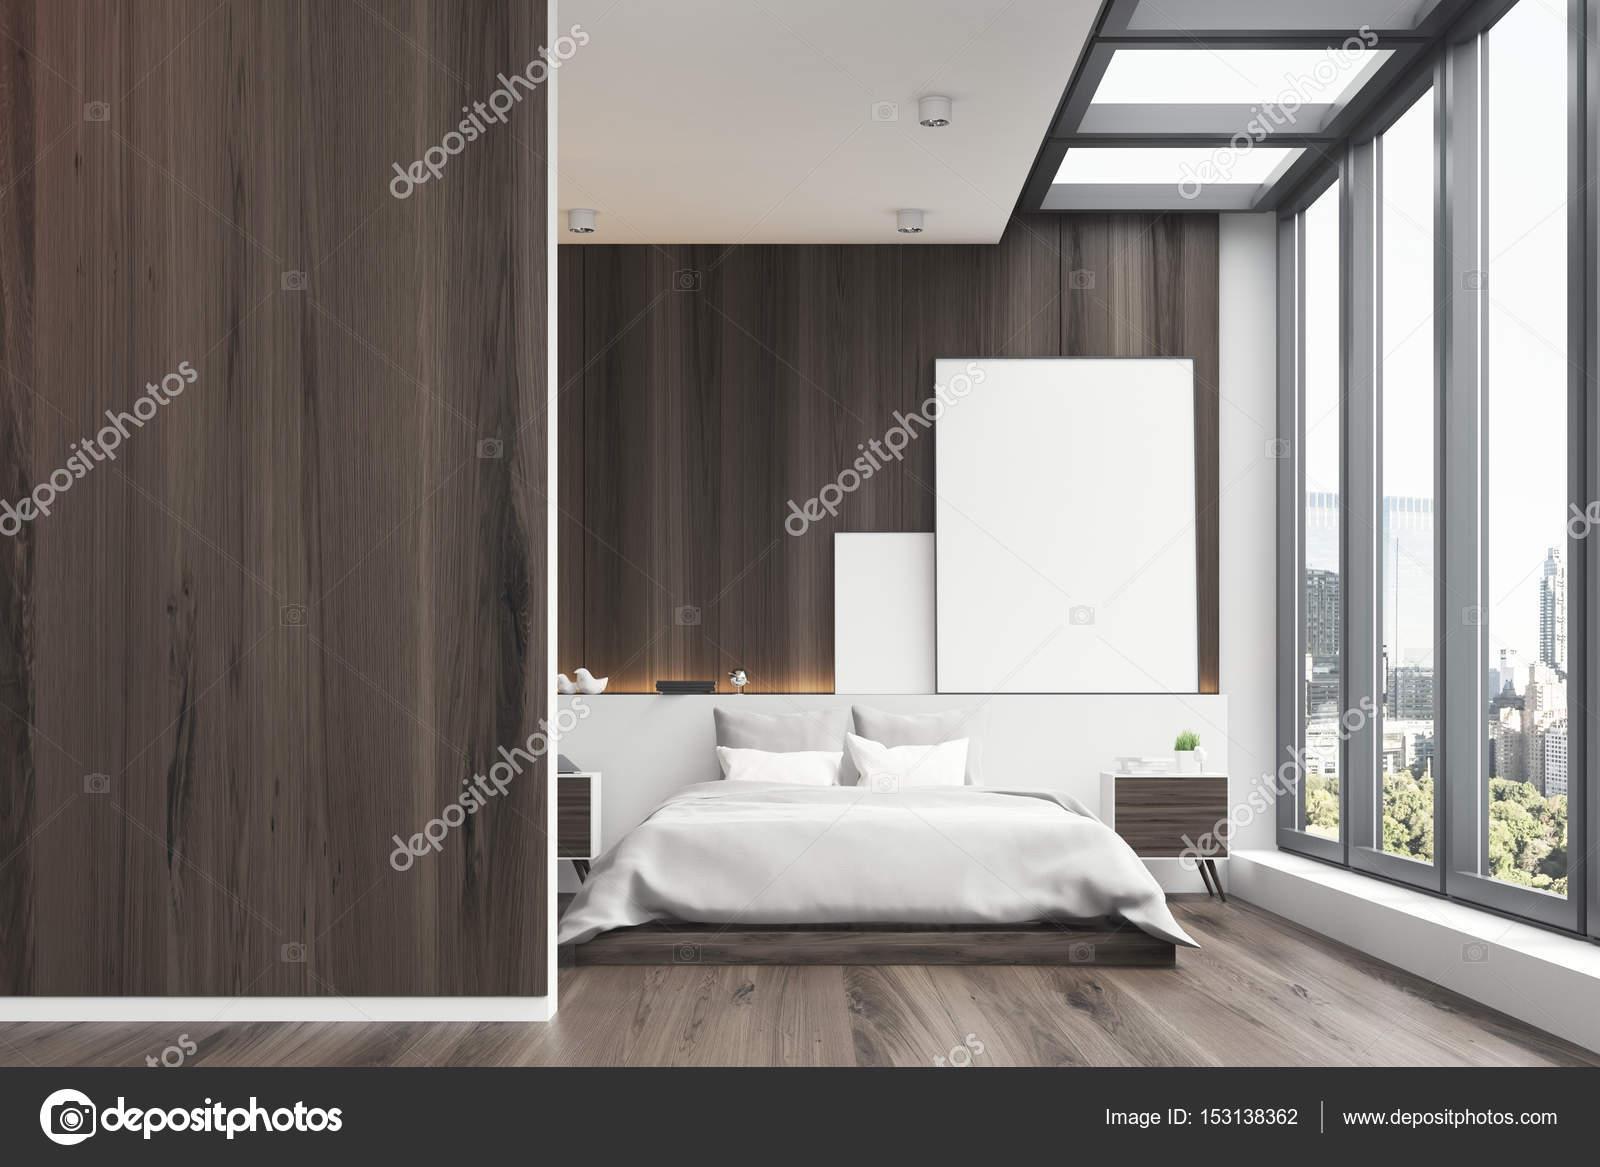 Vorderansicht eines Interieurs aus Holz Schlafzimmer mit ...